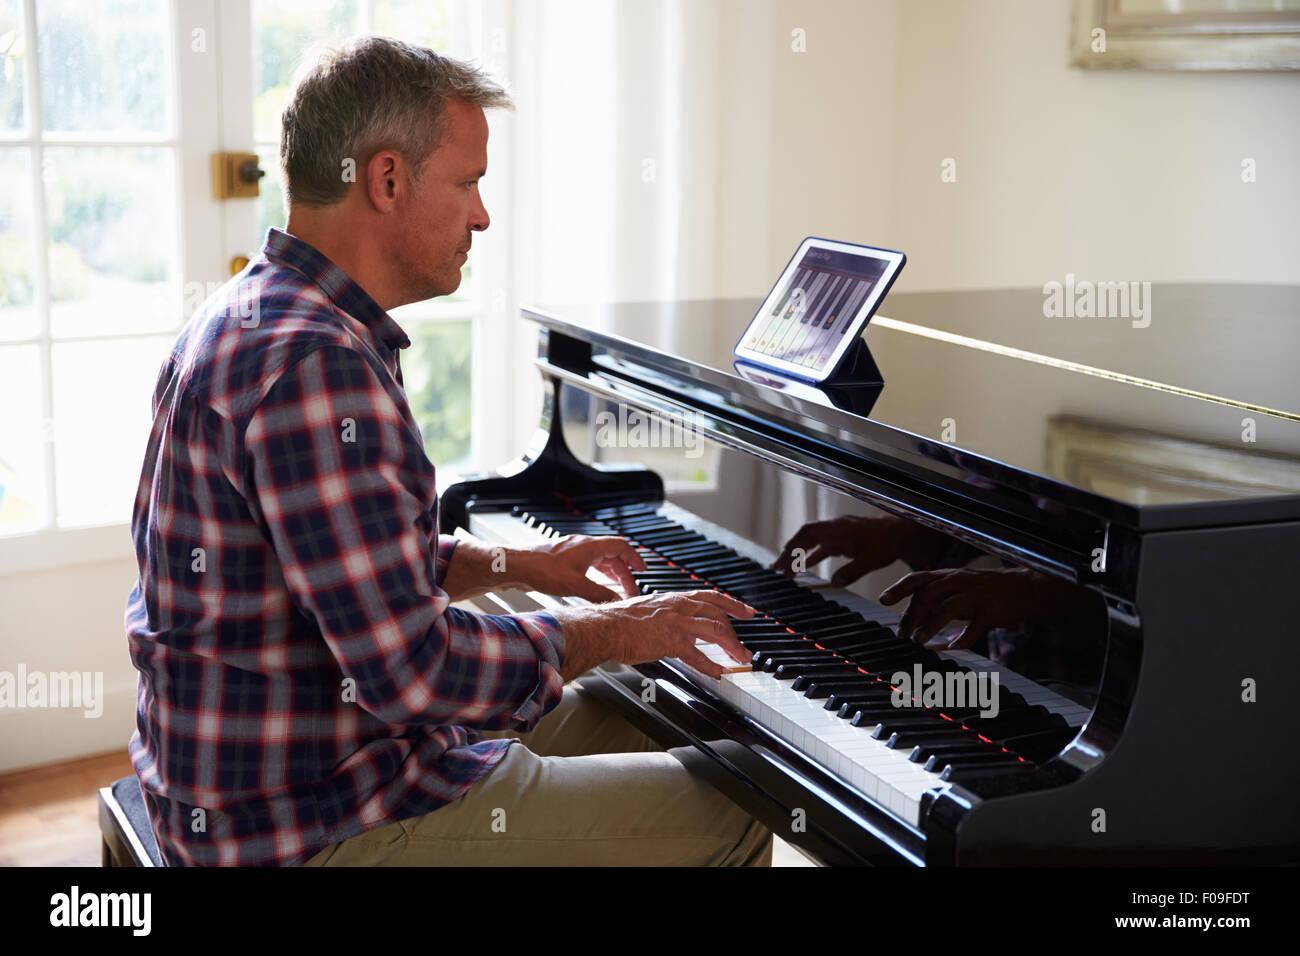 Uomo di imparare a suonare il piano utilizzando tavoletta digitale applicazione Immagini Stock